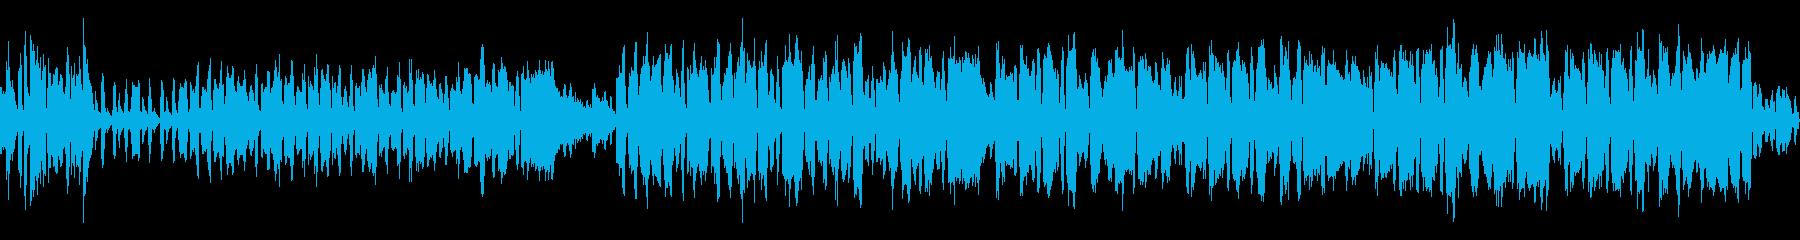 民族楽器で奏でる面白い元気なBGMの再生済みの波形